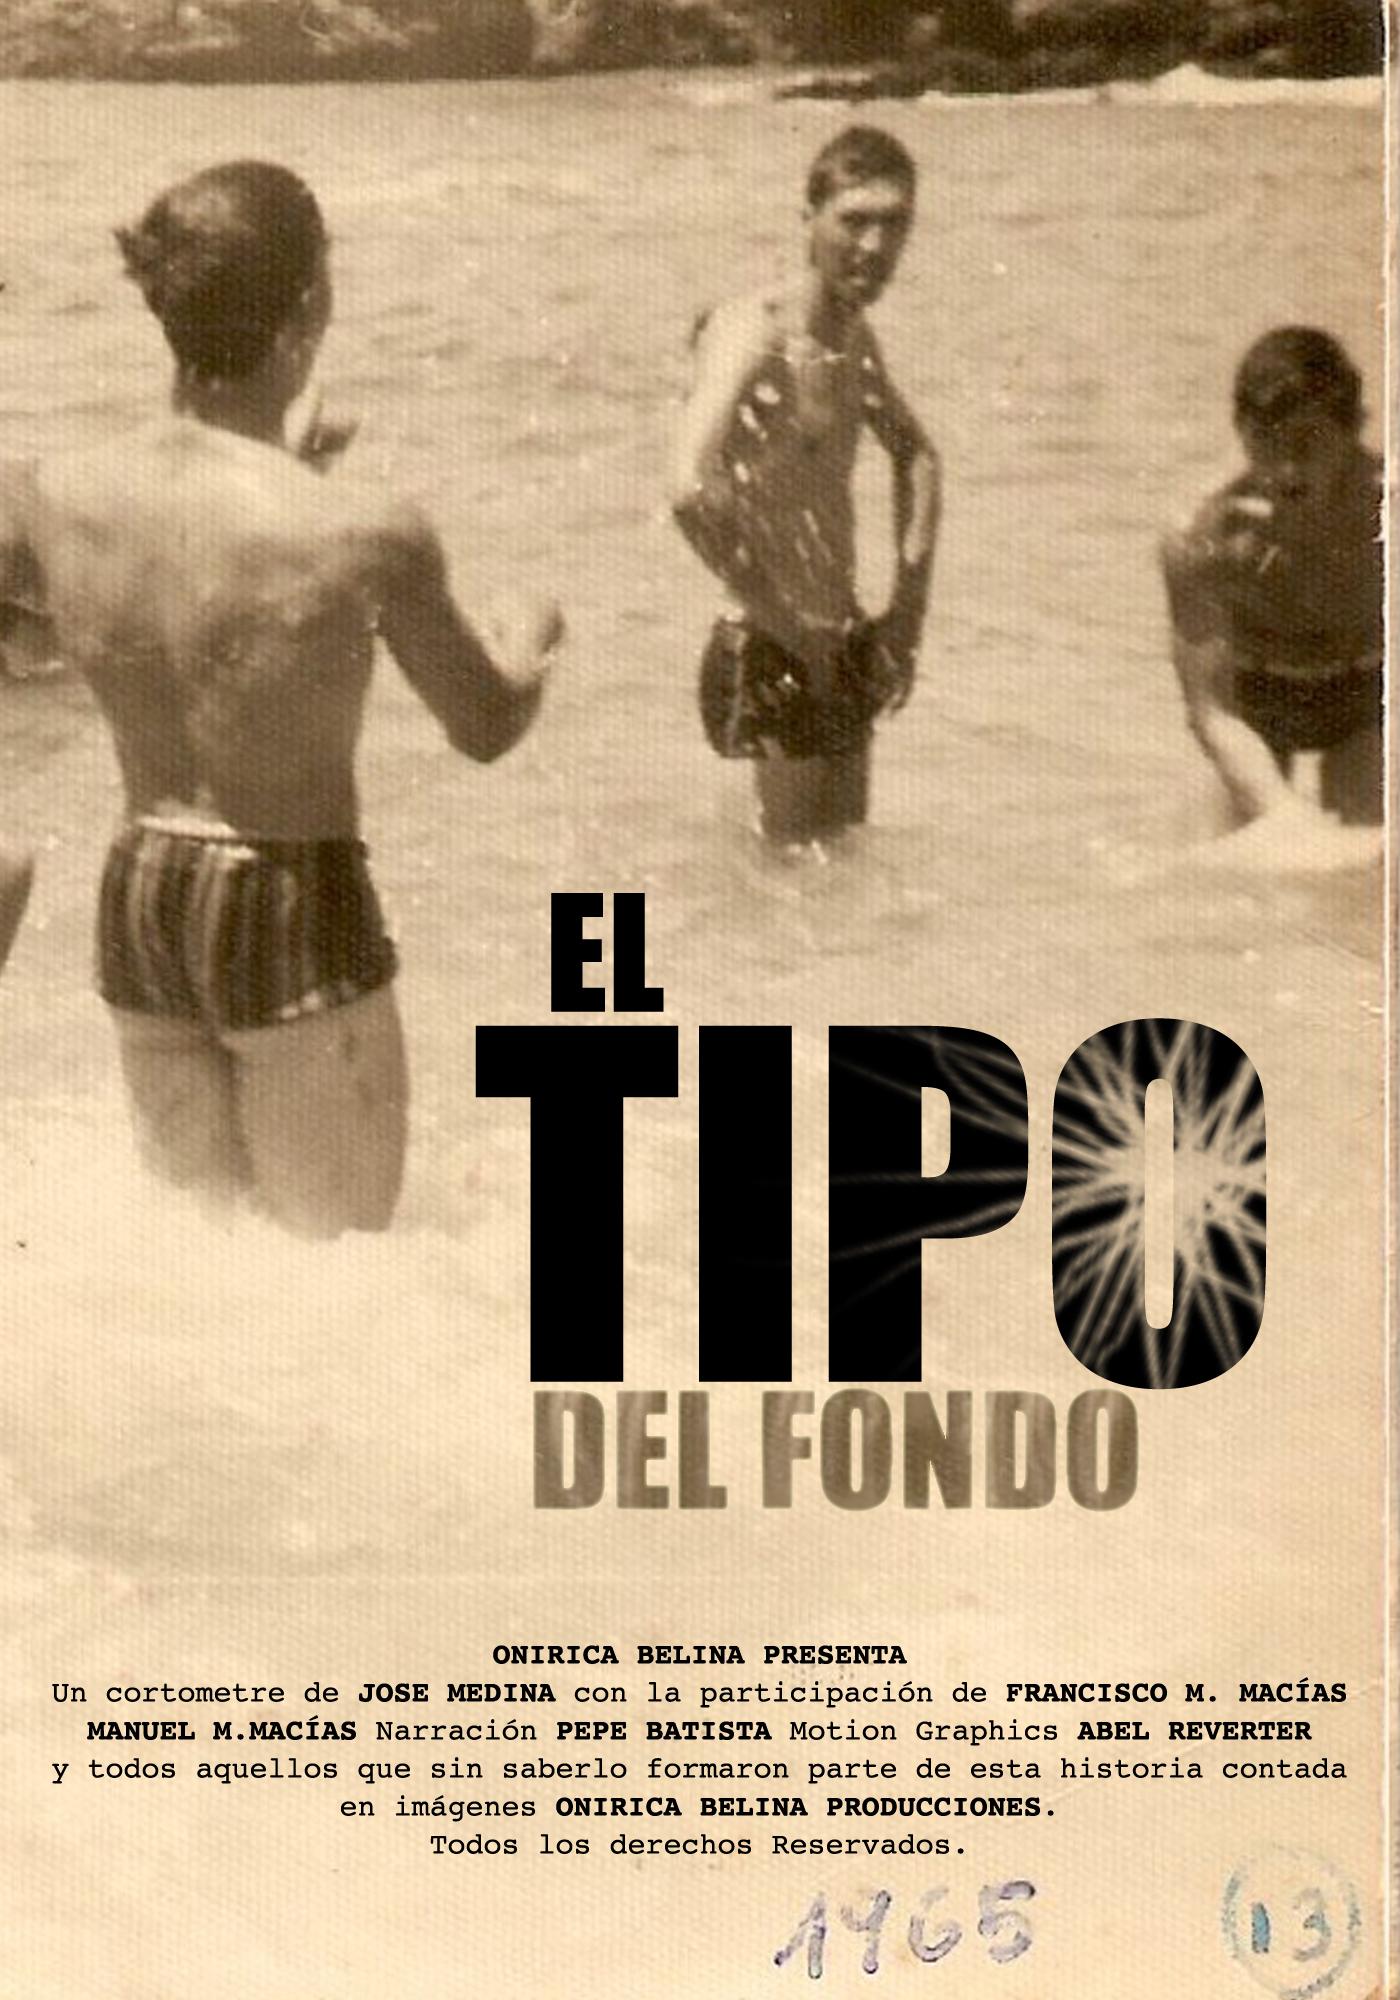 EL TIPO DEL FONDO back ground man Poster